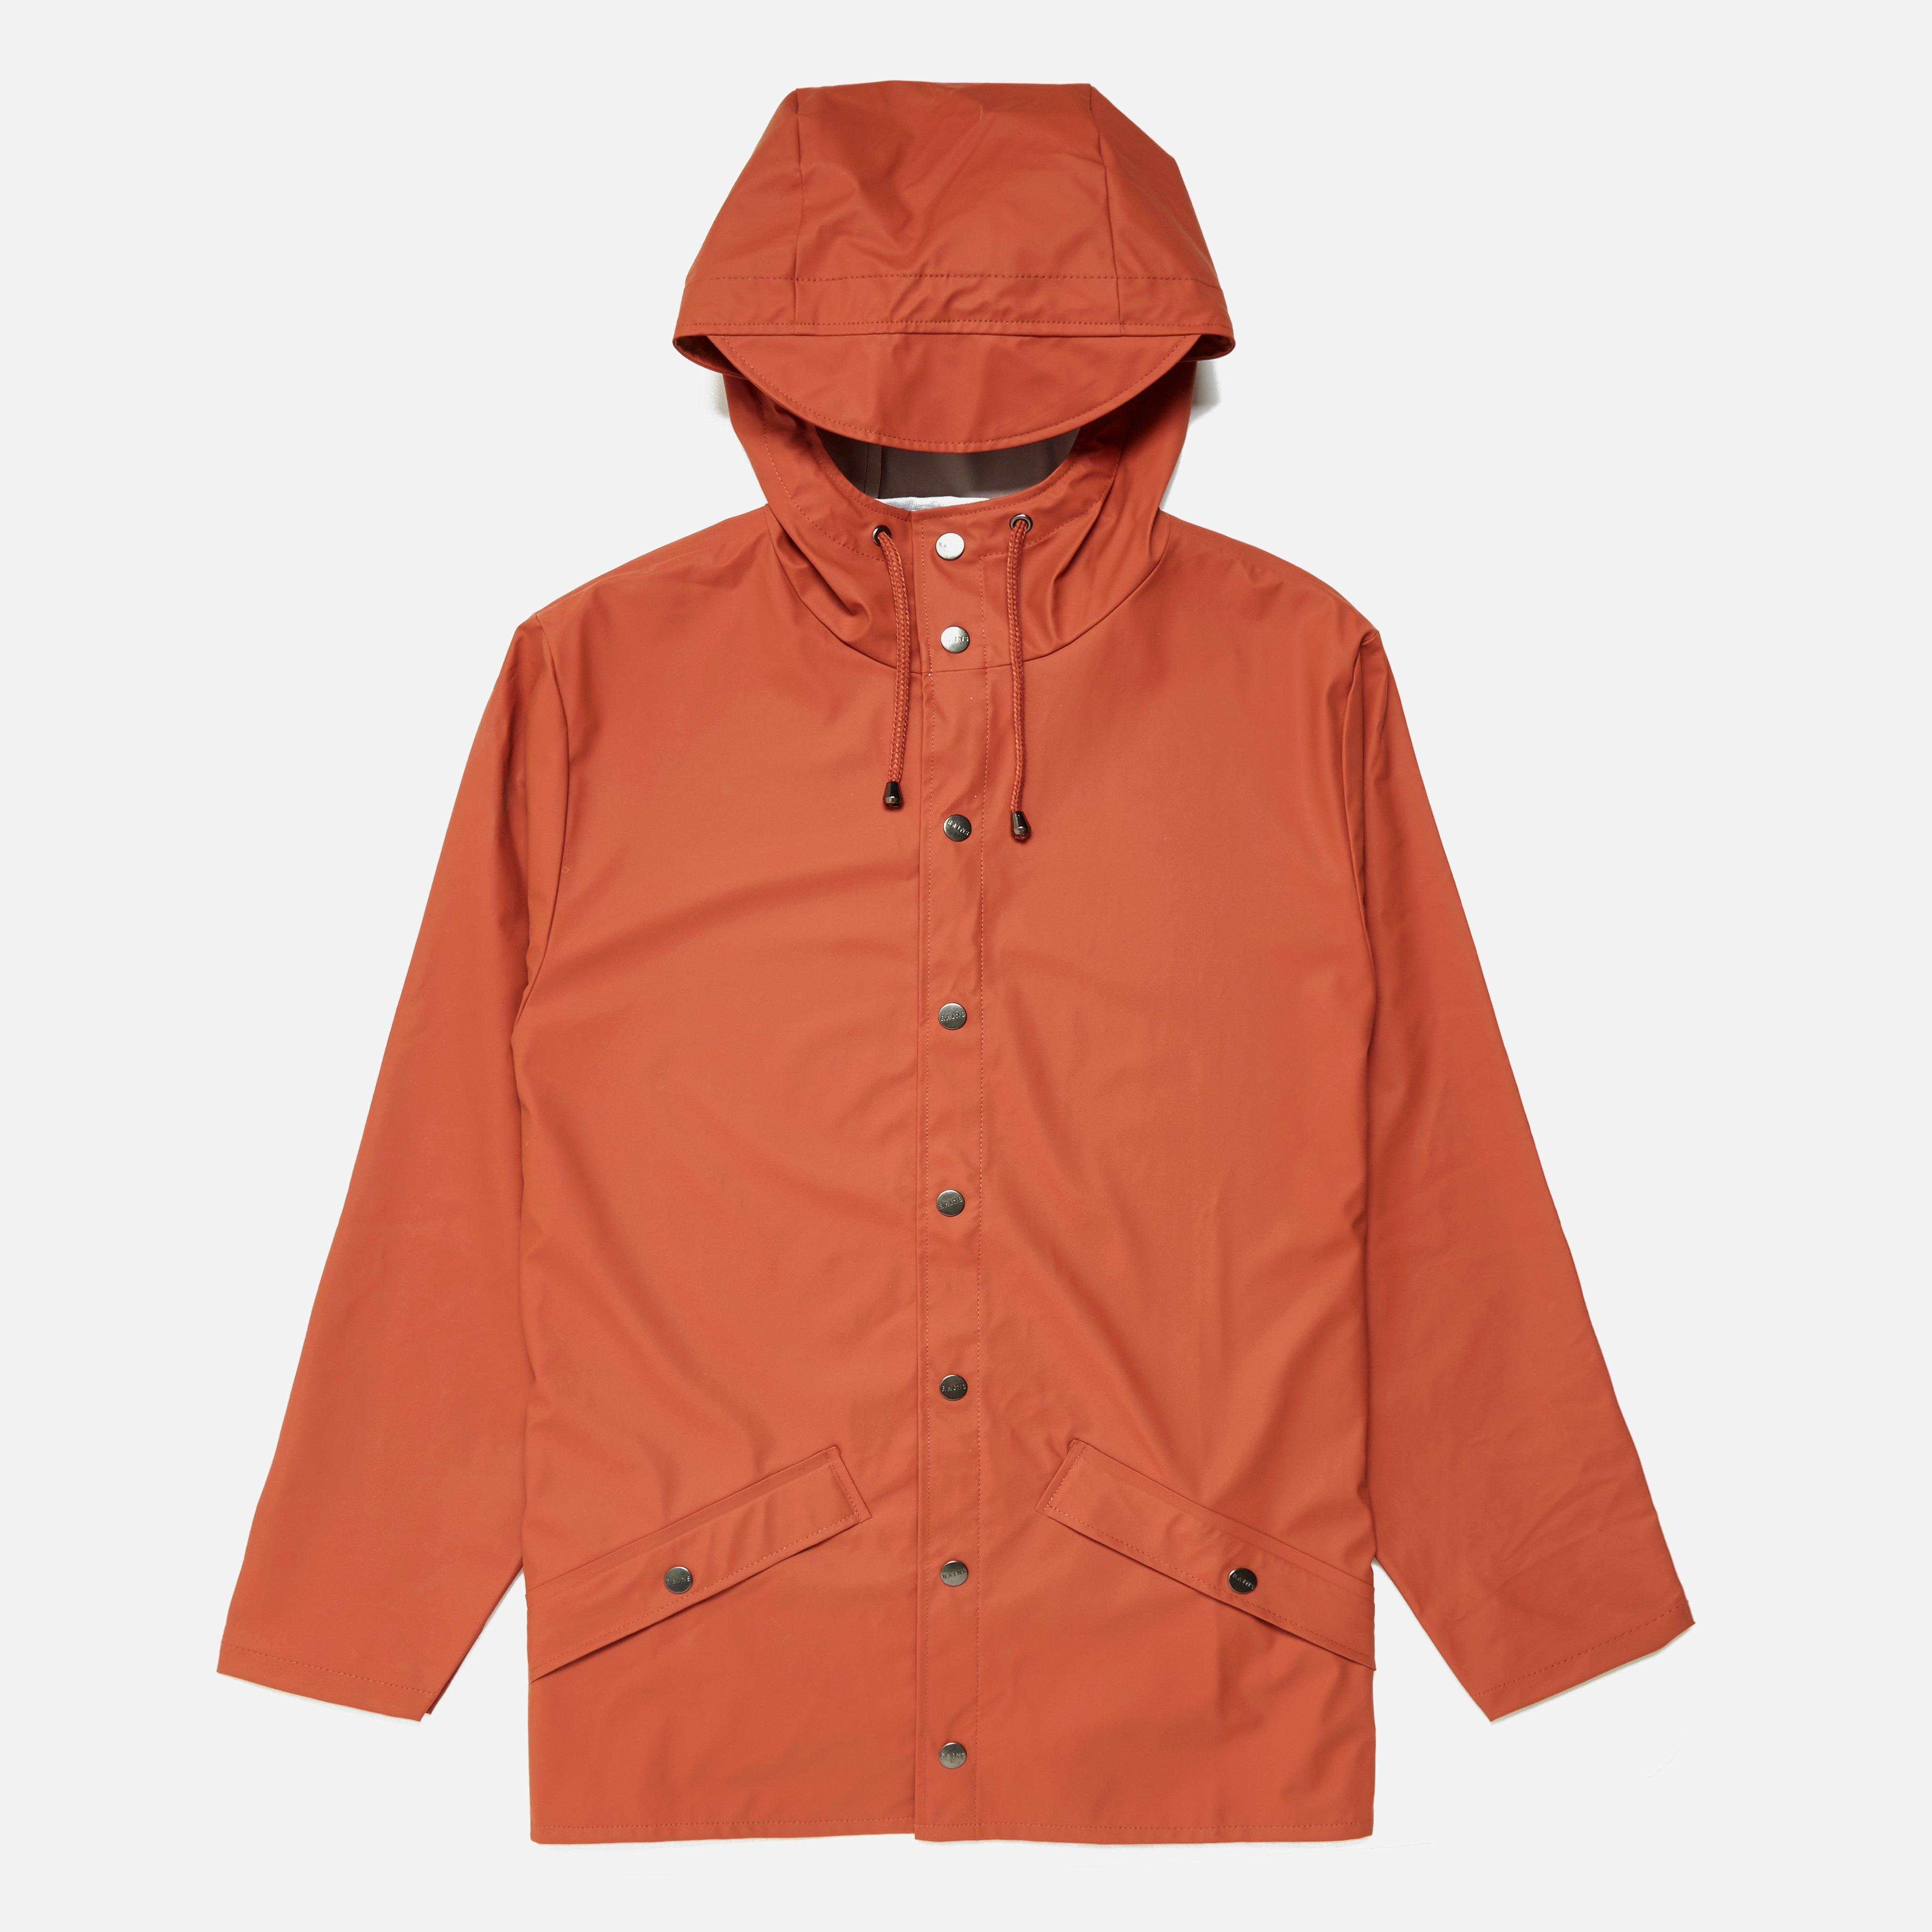 Rains Jacket In Orange For Men